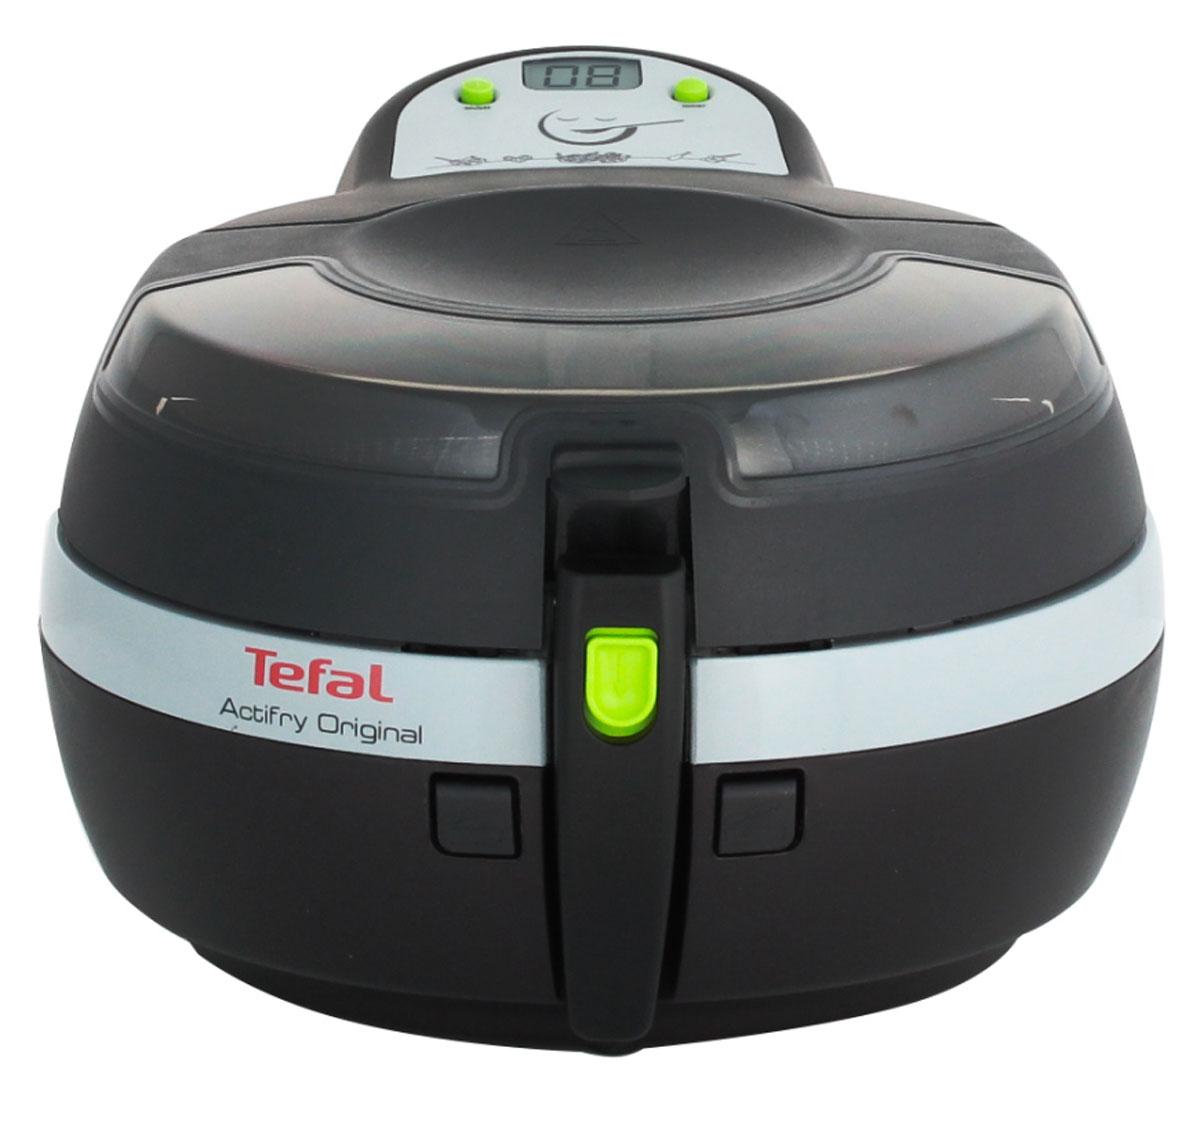 Tefal FZ707267 мультипечьFZ7072С помощью мультипечи Tefal FZ707267 можно жарить, готовить блюда на гриле, в панировке, выпечку и даже запекать с аппетитной хрустящей корочкой. Технология циркуляции горячего воздуха позволяет готовить блюда быстро и с минимумом масла, с хрустящей корочкой снаружи и нежные внутри. Съемные части можно мыть в посудомоечной машине. При использовании мультипечи Tefal FZ707267 образуется меньше неприятных запахов, чем во время обычной жарки. В устройстве также реализована функция полностью автоматического приготовления без перемешивания продуктов. Встроенный таймер позволяет настроить время приготовления. Плавный регулятор позволяет задать оптимальную температуру для приготовления пищи. Наслаждайтесь хрустящими золотистыми ломтиками картофеля, готовьте идеальные закуски, курицу, мясо и множество других блюд, указав нужную длительность и температуру приготовления! Производительность: до 1 кг готовой еды Прозрачная крышка Автоматическое...